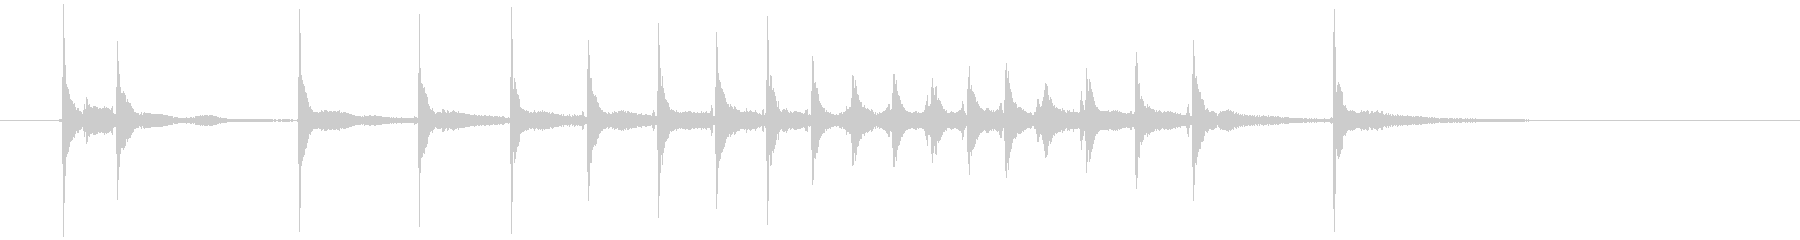 締める時のお決まりフレーズ(三味線で)2の未再生の波形